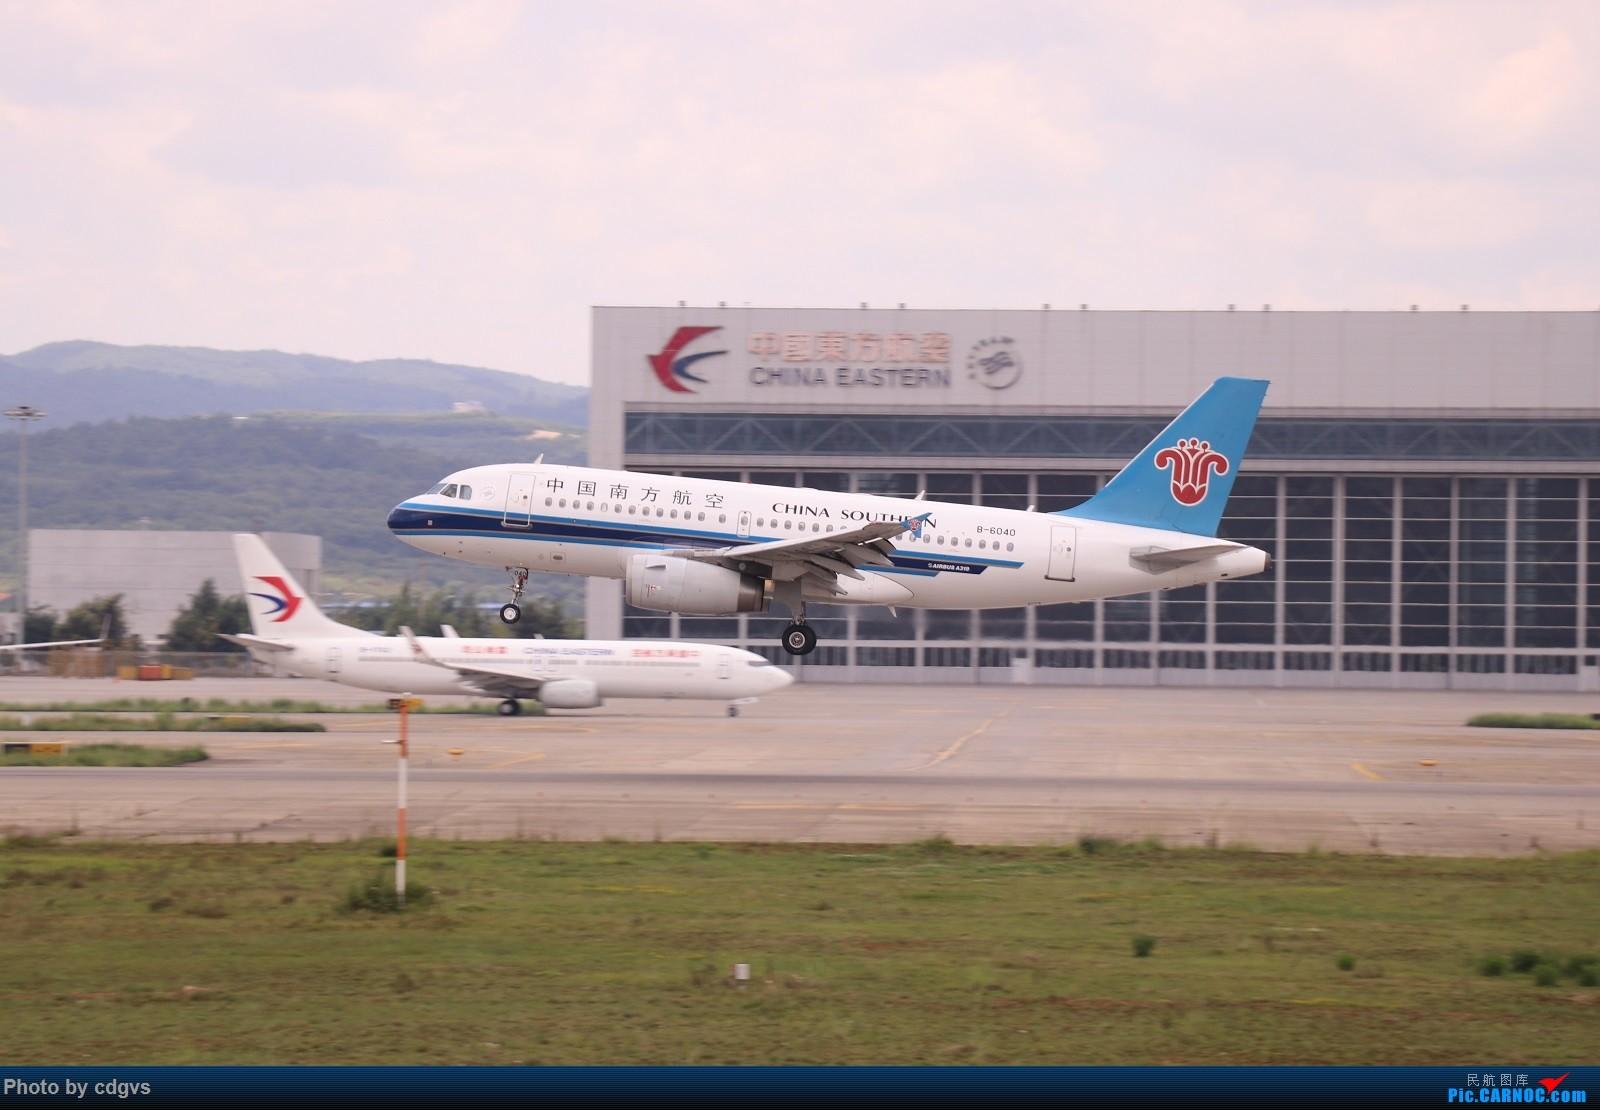 Re:[原创]【KMG】昆明的一天 1600大图 一次看个爽 AIRBUS A319-100 B-6040 中国昆明长水国际机场